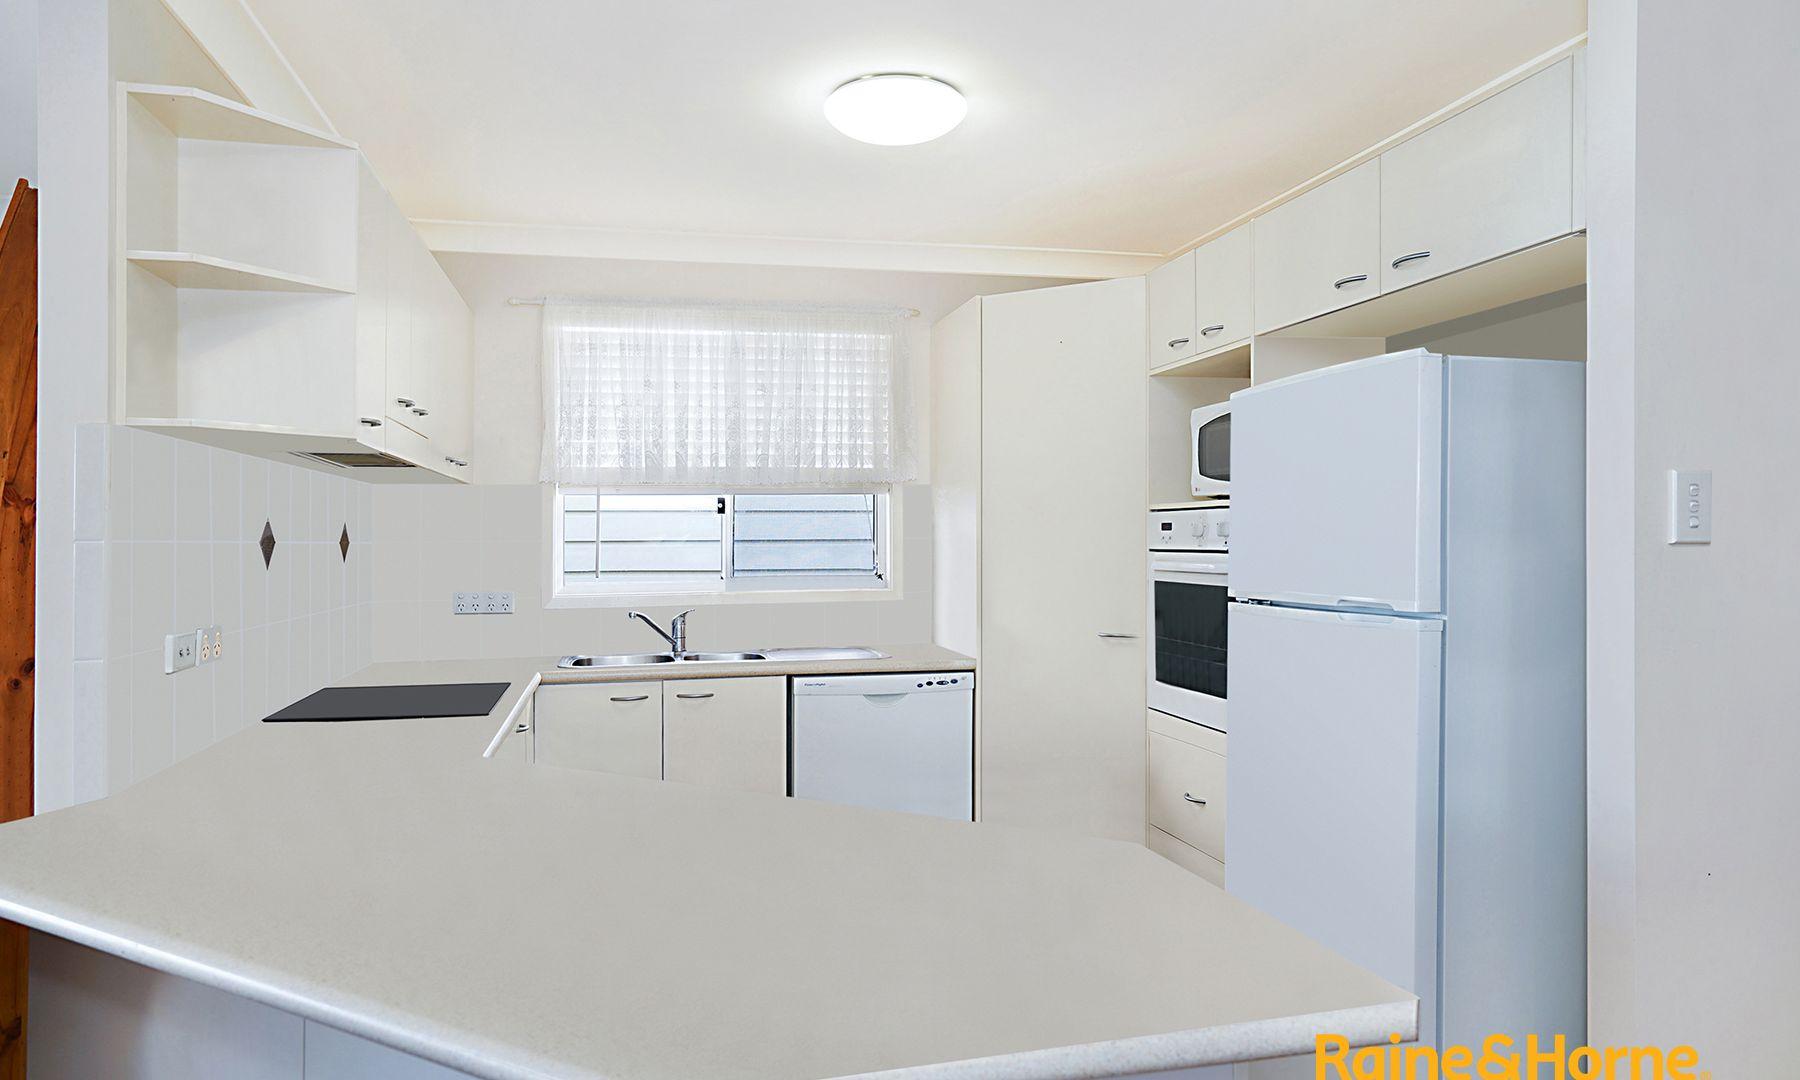 105/2 Saliena Avenue, Lake Munmorah NSW 2259, Image 2